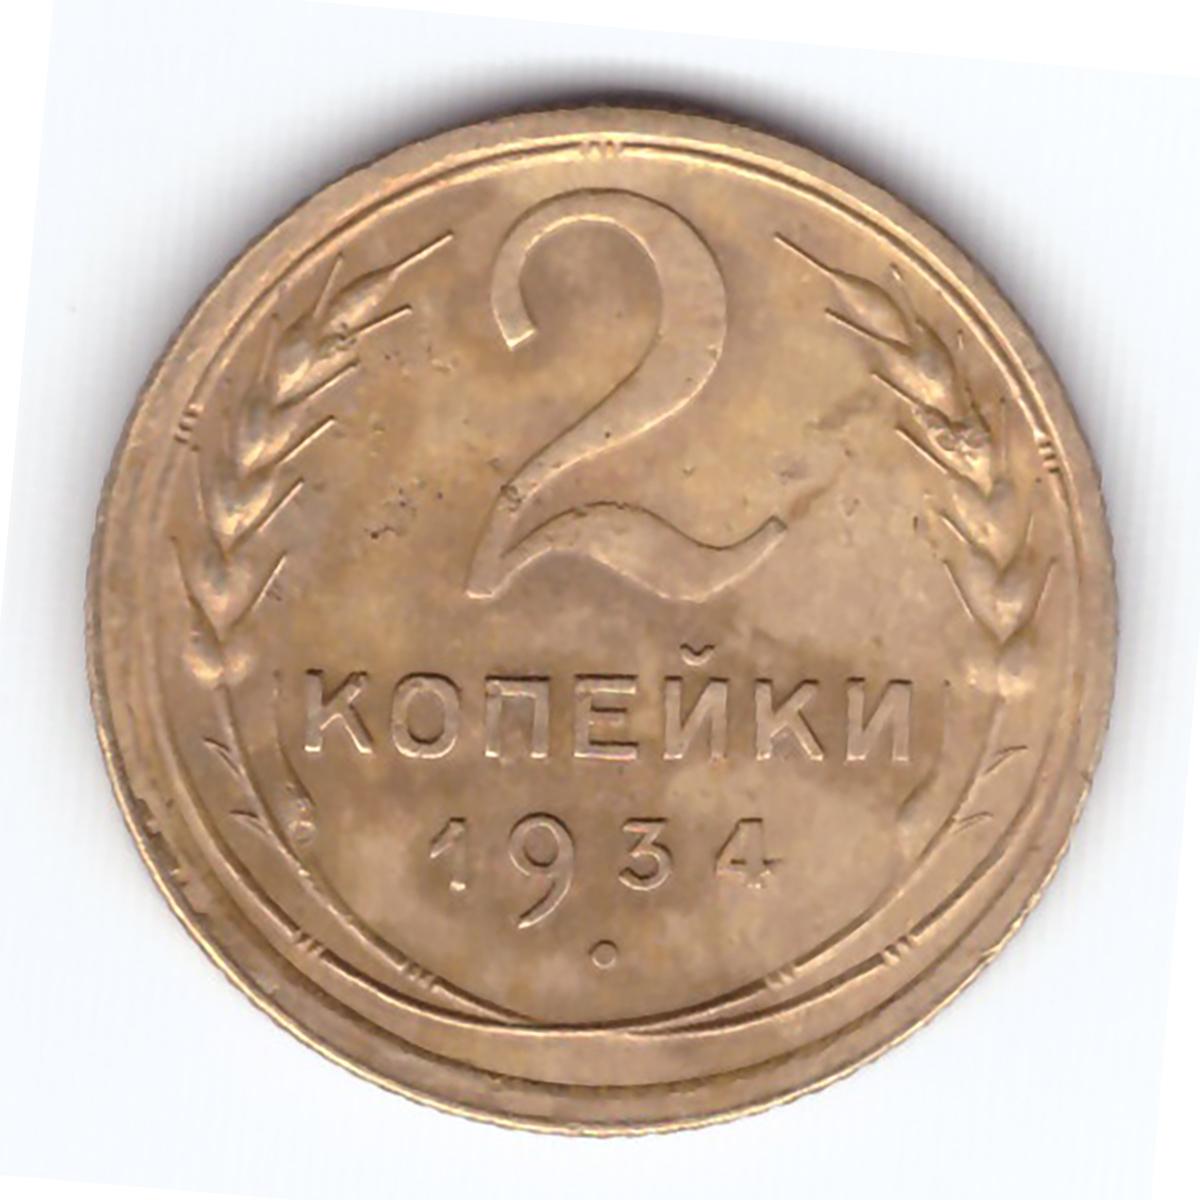 2 копейки 1934 года. VF №2